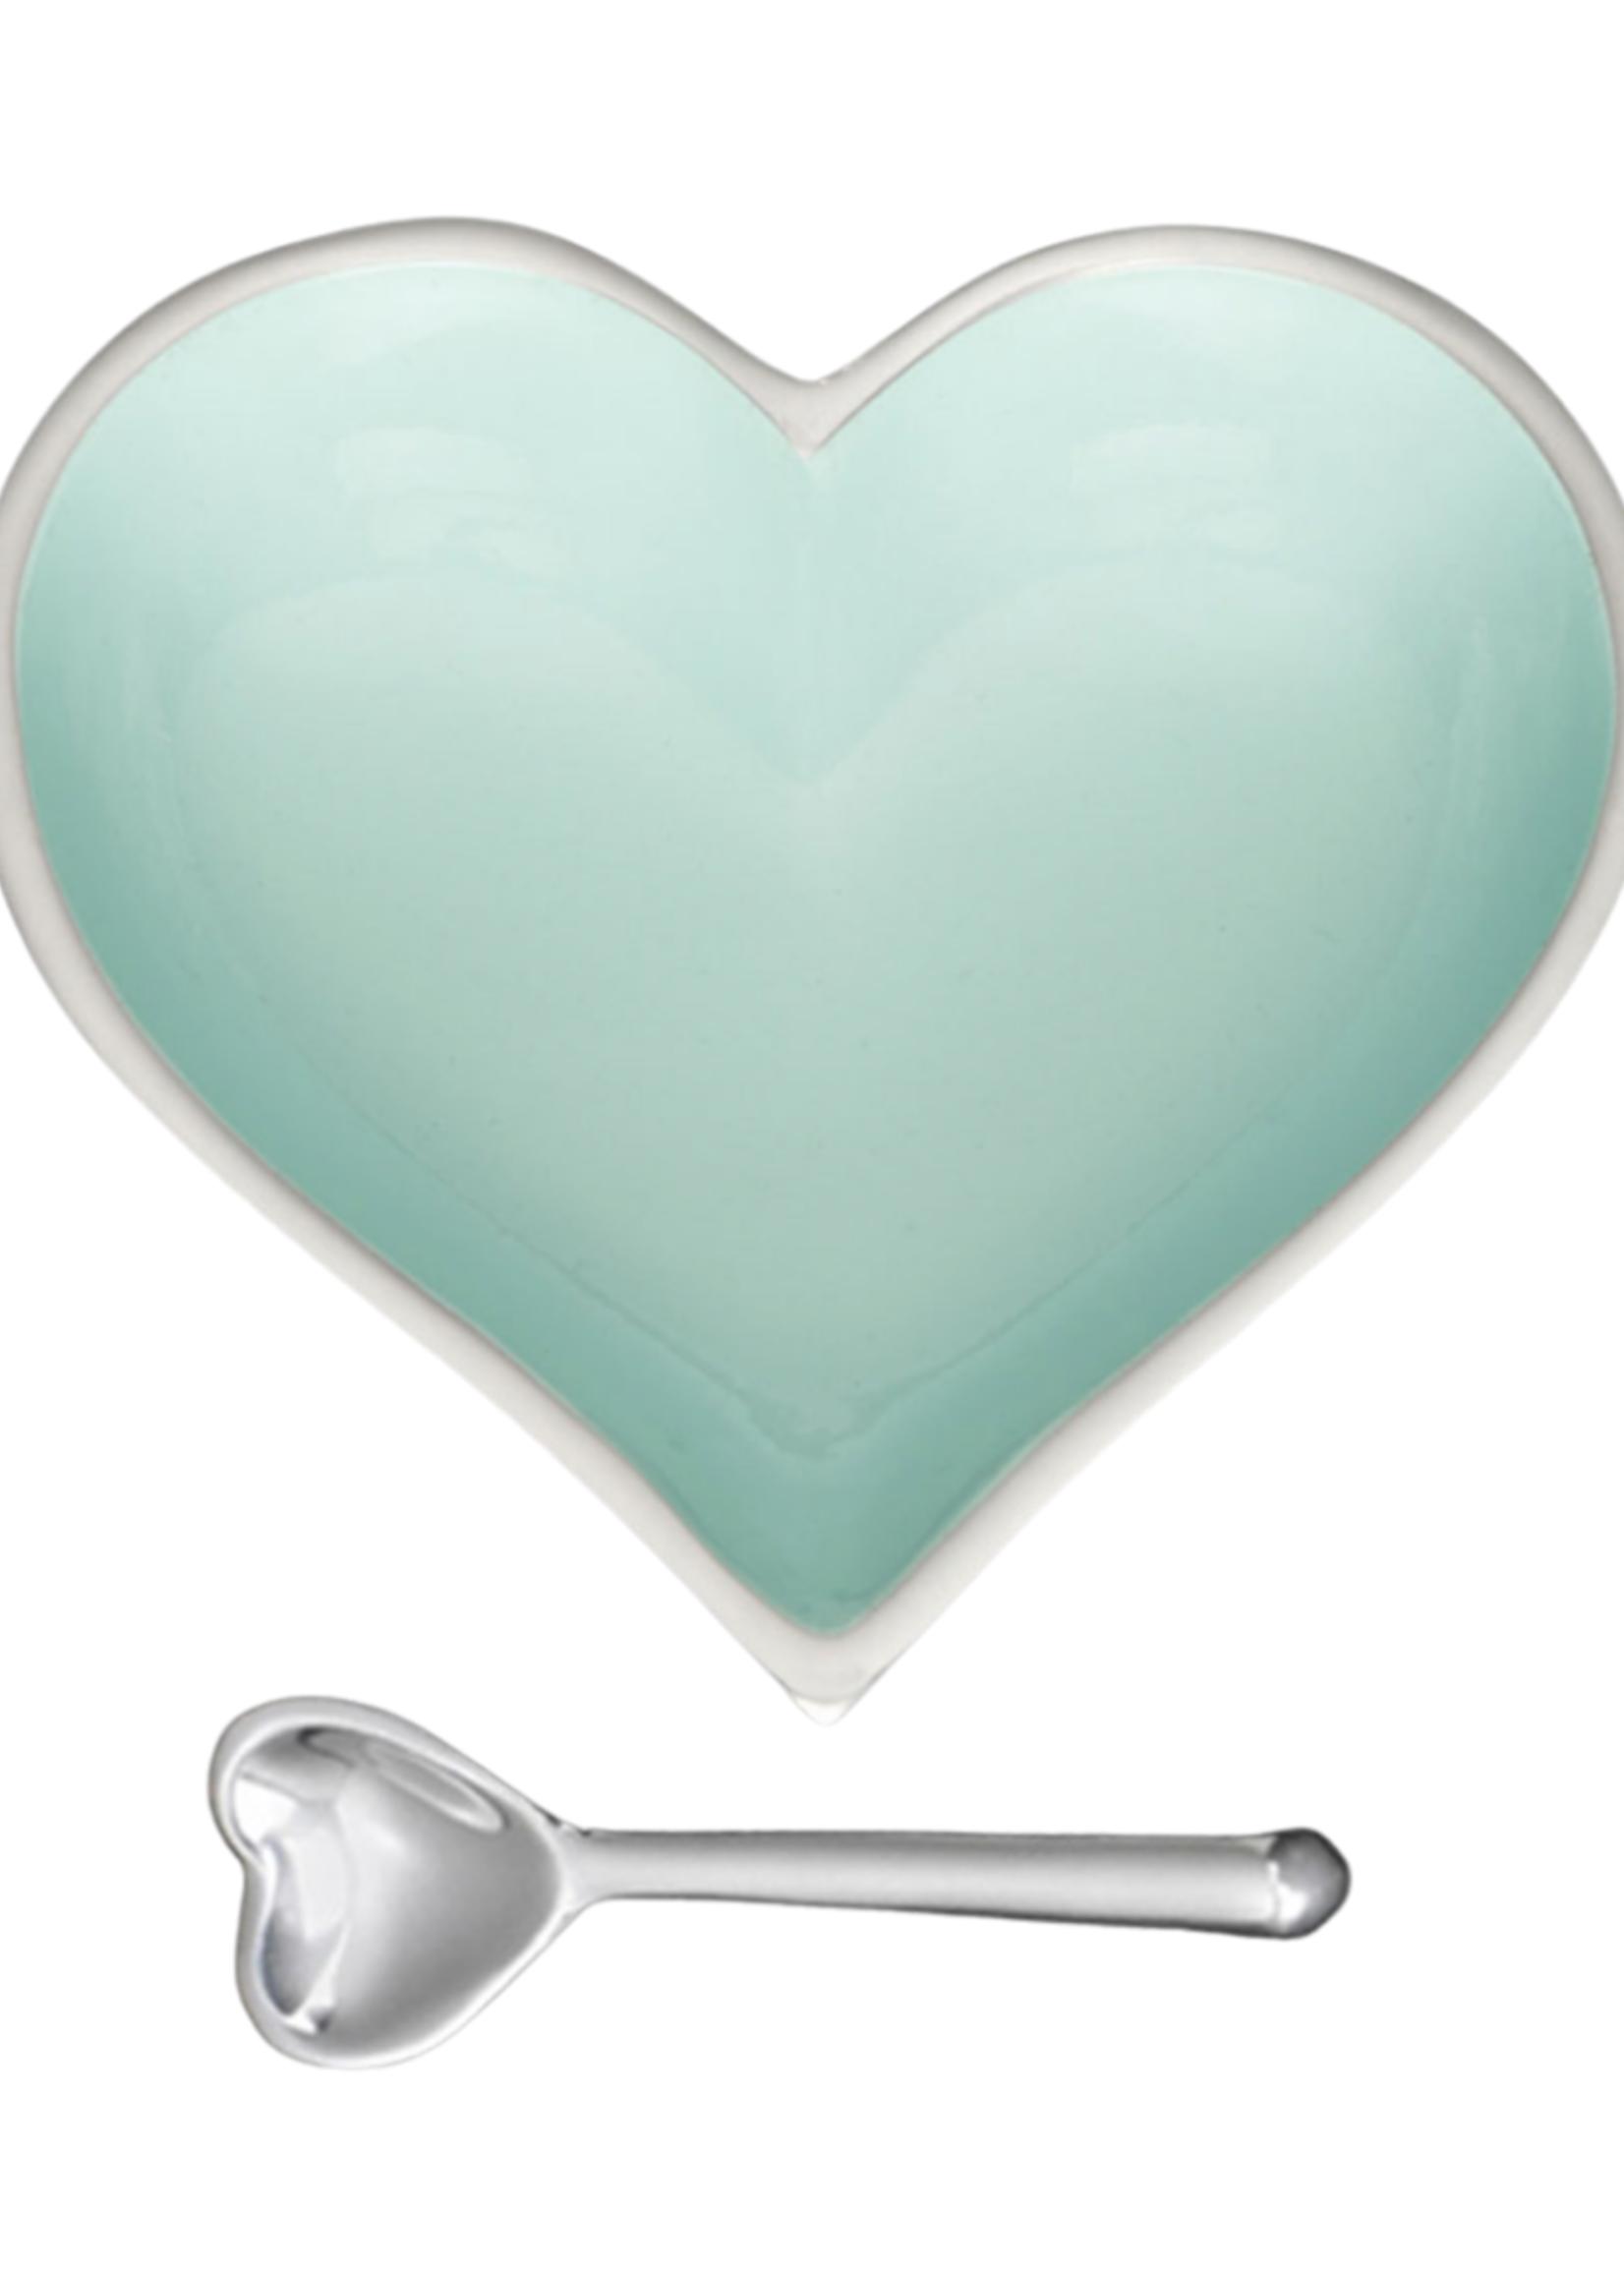 Happy Heart Bowl w Spoon // Robin Egg Blue